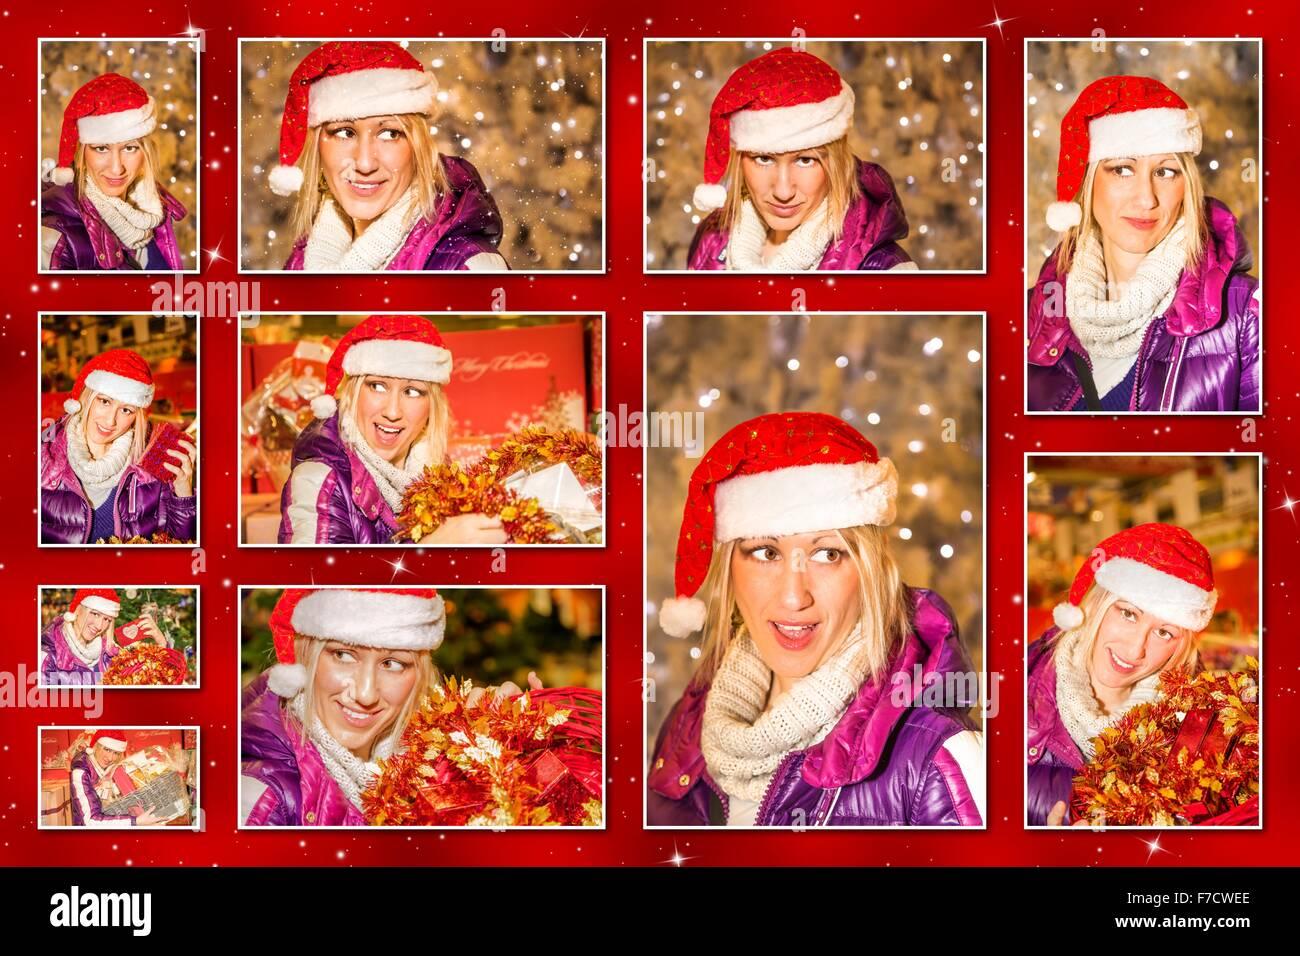 Weihnachtsbilder Suchen.Weihnachtsbilder Collage Stockfoto Bild 90637862 Alamy